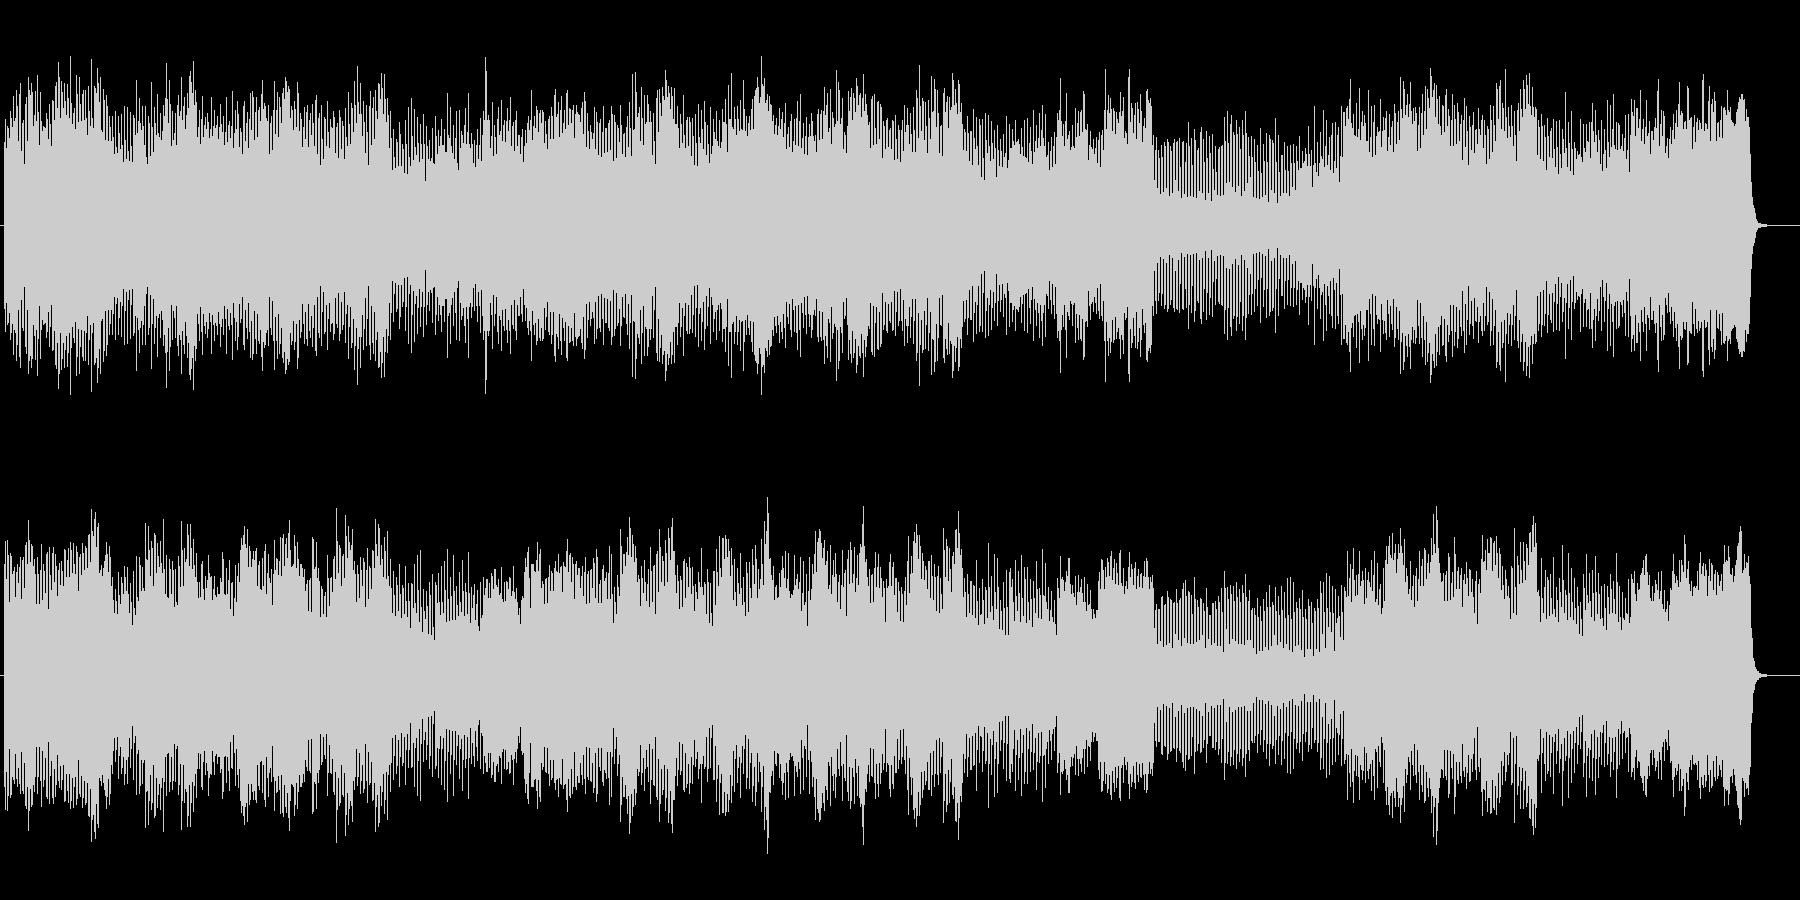 壮大な和音が連なるメロディのポップスの未再生の波形